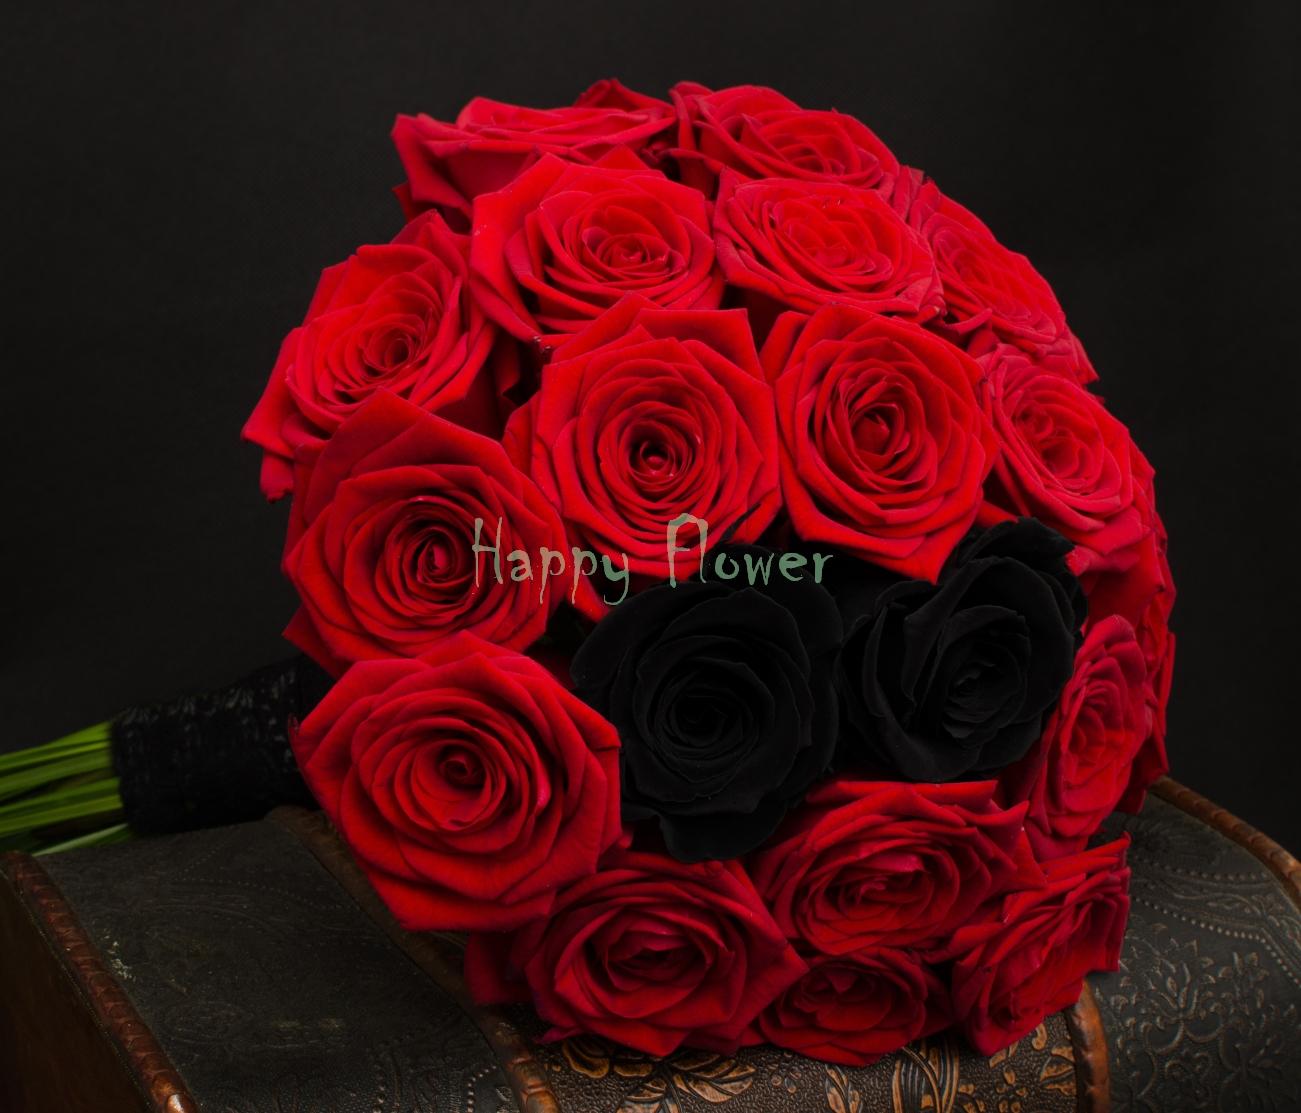 Buchet De Mireasă șisau Nașă Din Trandafiri Roșii și Negri